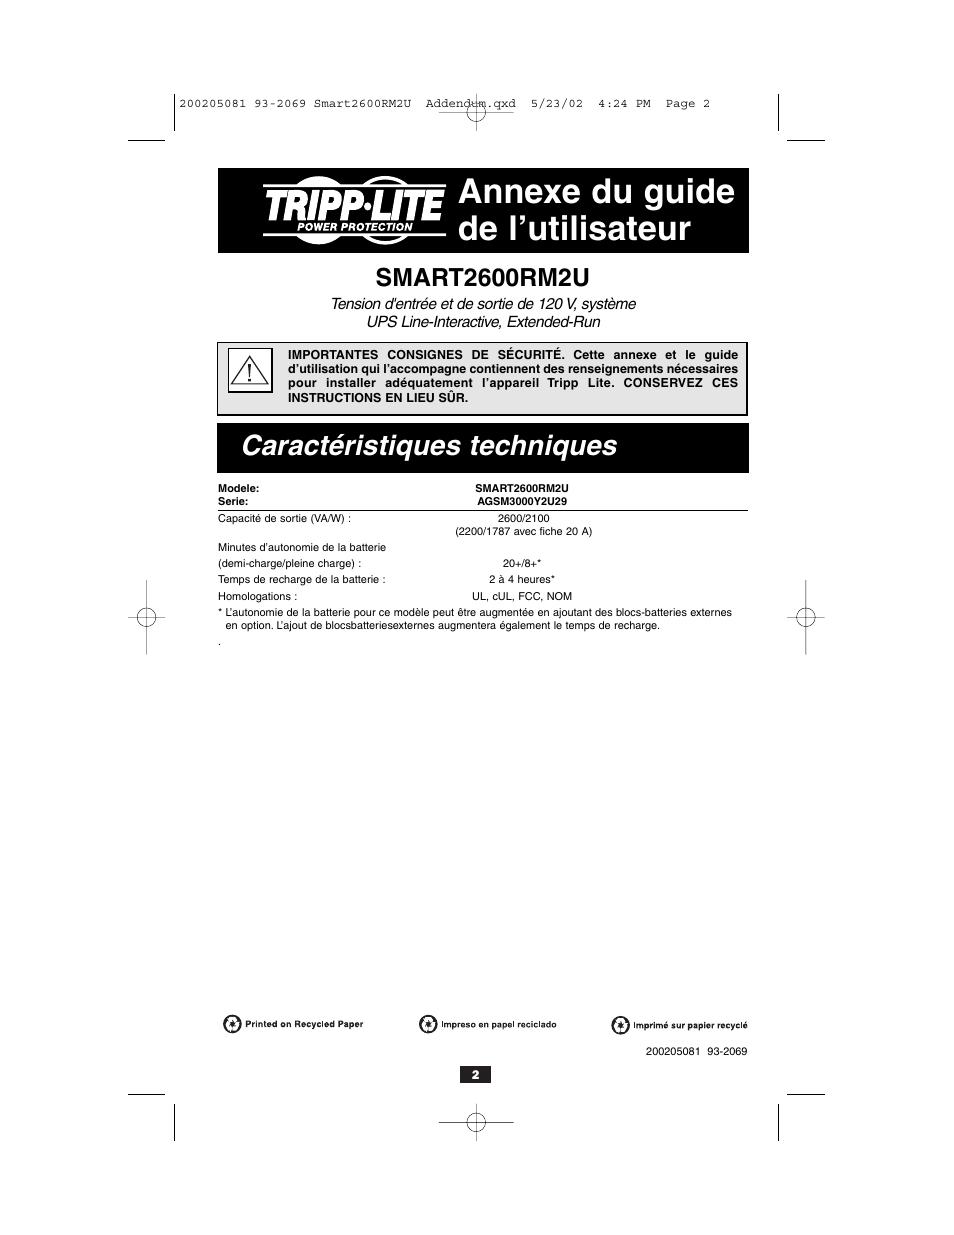 Annexe du guide de l'utilisateur, Caractéristiques